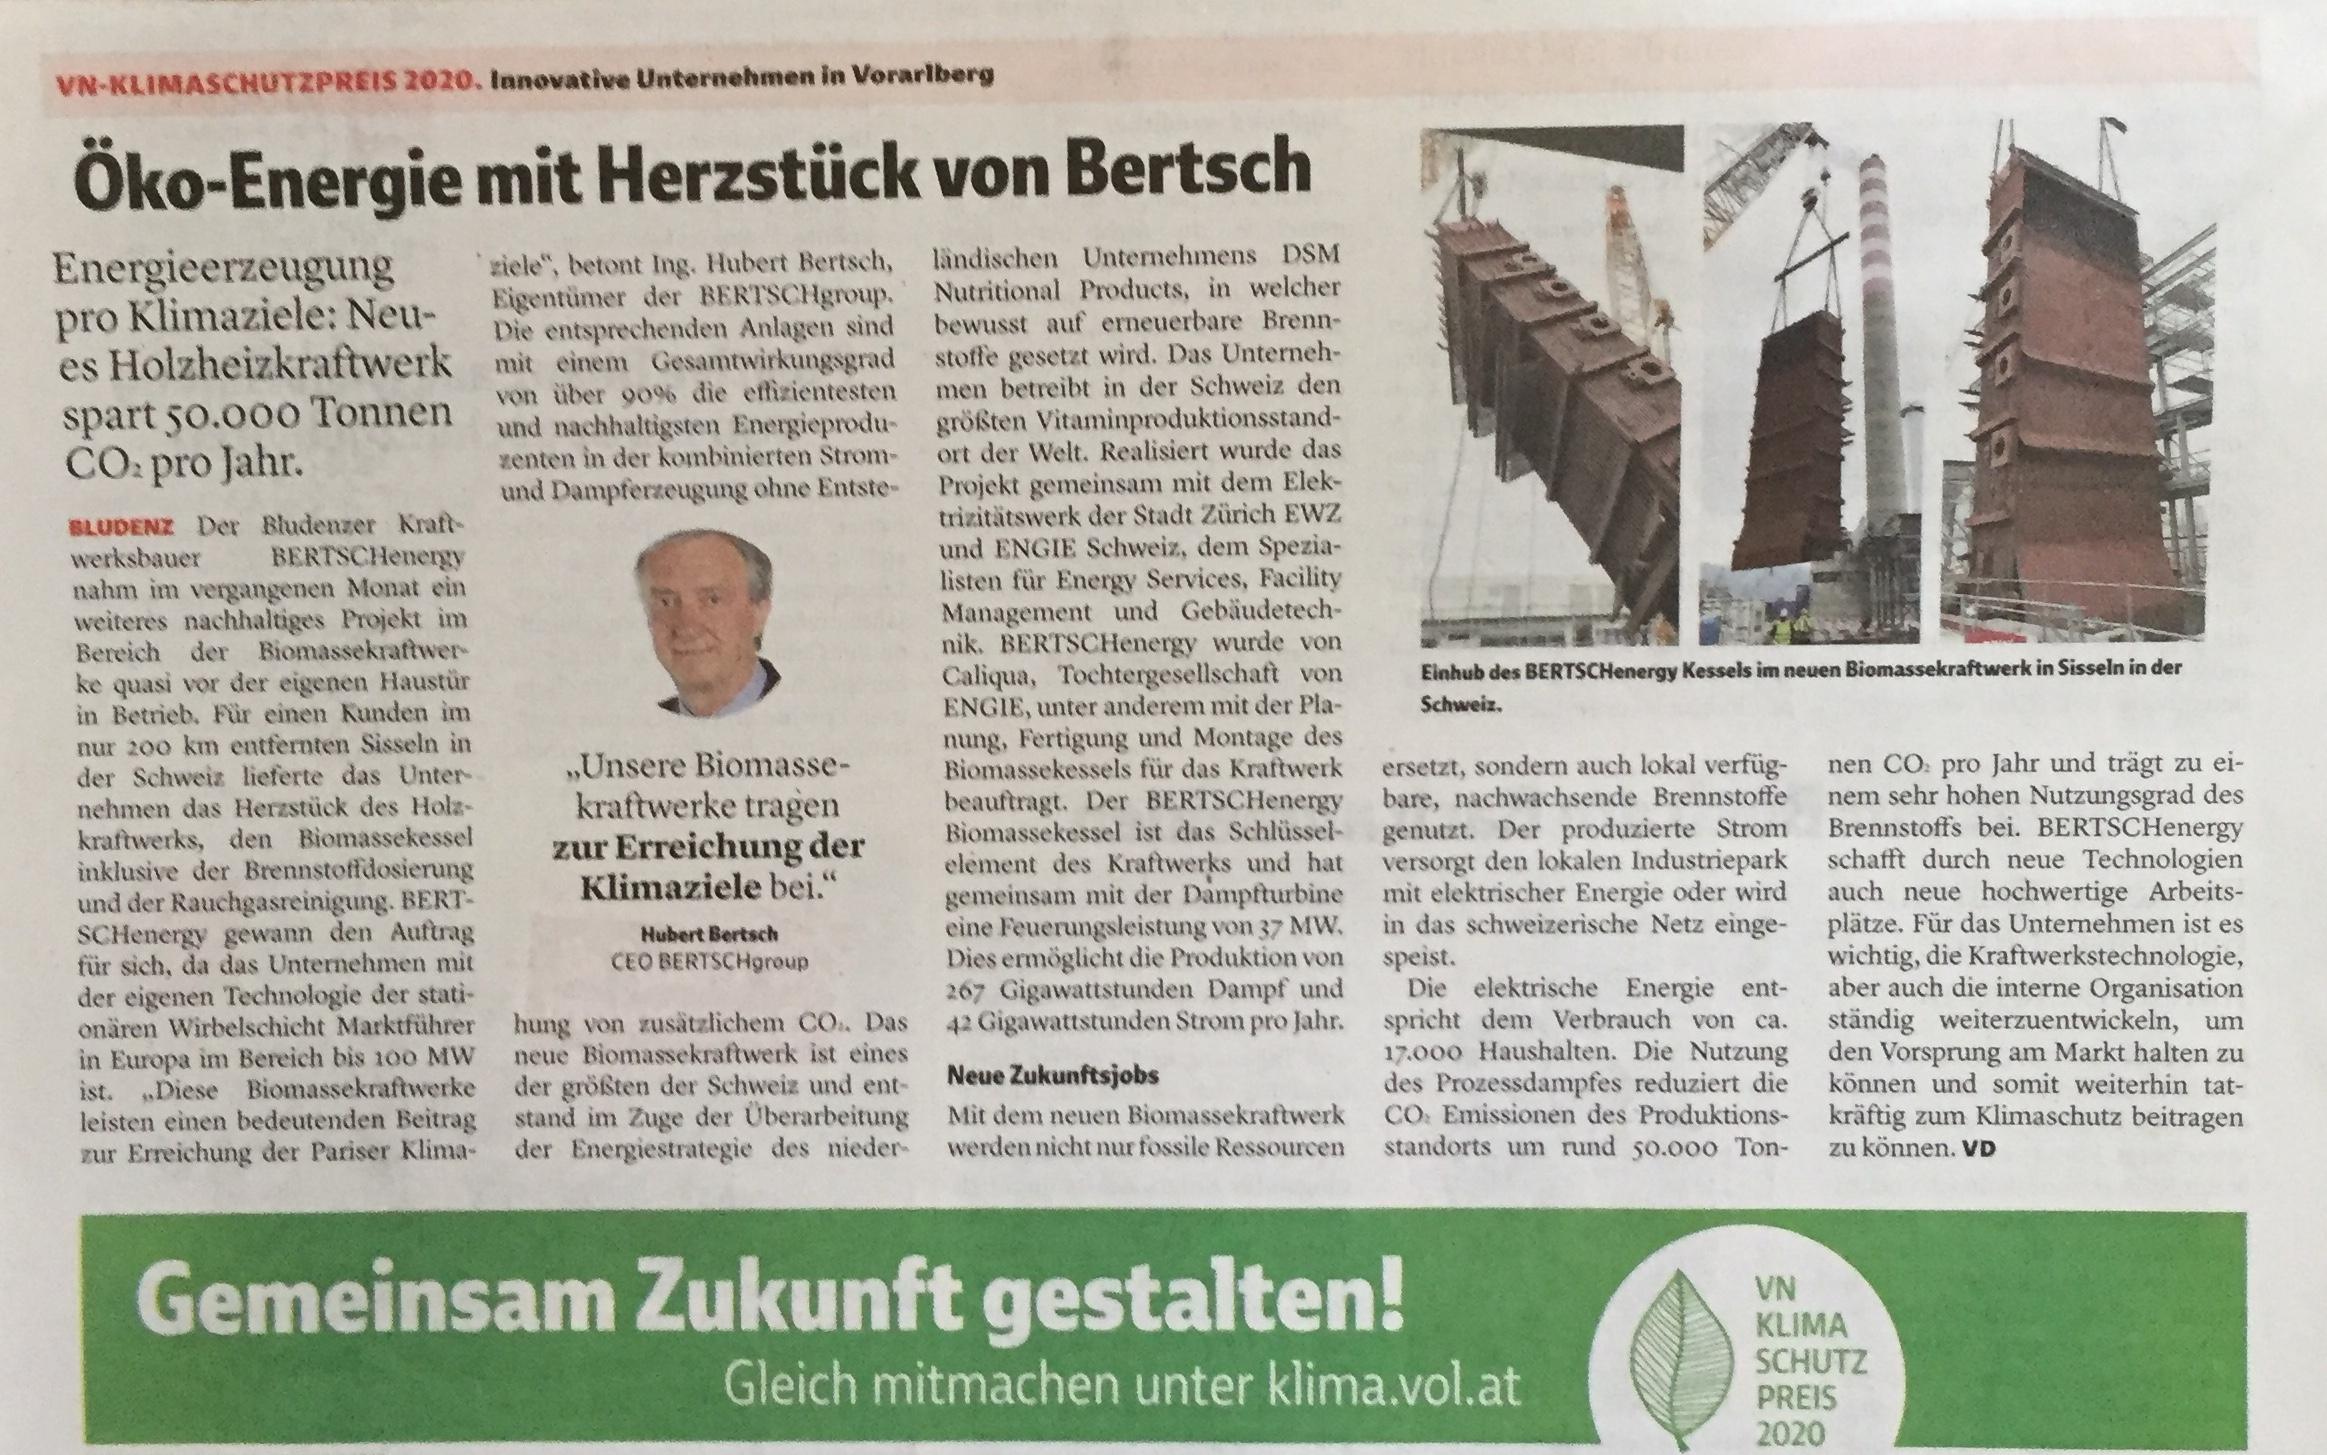 """Ing. Hubert Bertsch, CEO BERTSCHgroup: """"Unsere Biomassekraftwerke leisten einen bedeutenden Beitrag zur Erreichung der Pariser Klimaziele."""" Verena Daum, www.progression.at; Ing. Hubert Bertsch, www.bertsch.at"""